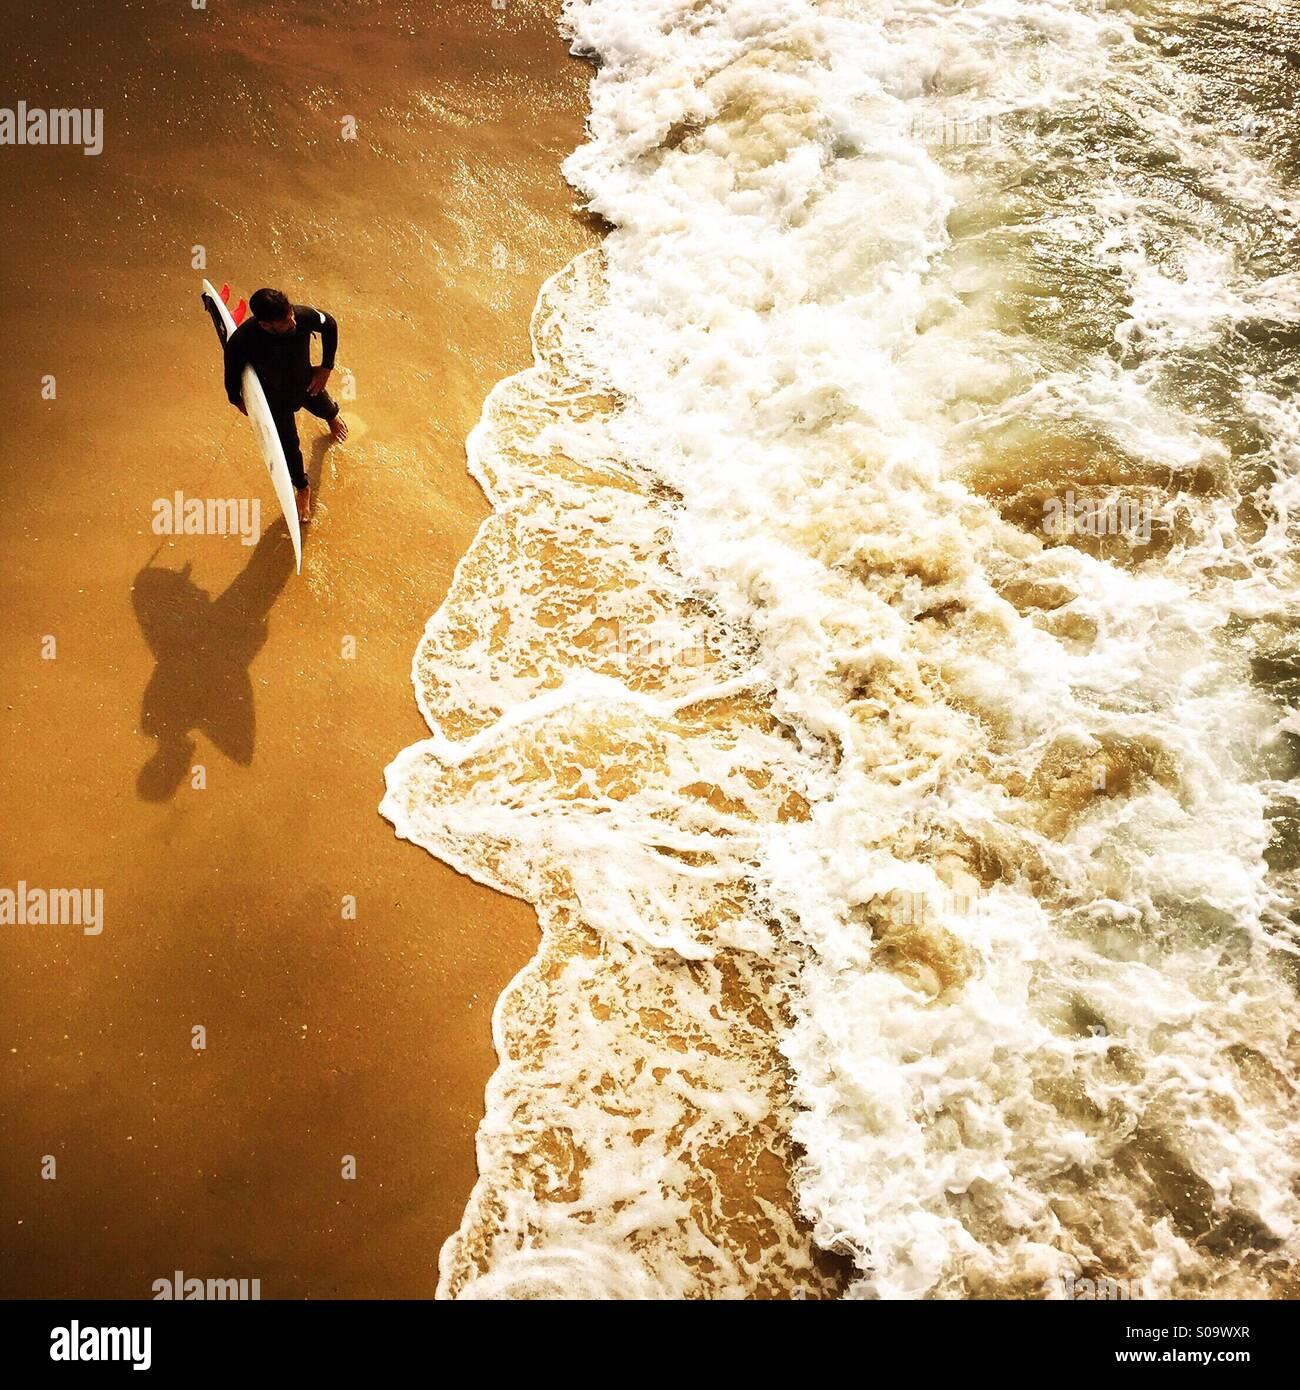 Un surfista espera a la orilla del mar para navegar. Manhattan Beach, California, USA. Imagen De Stock